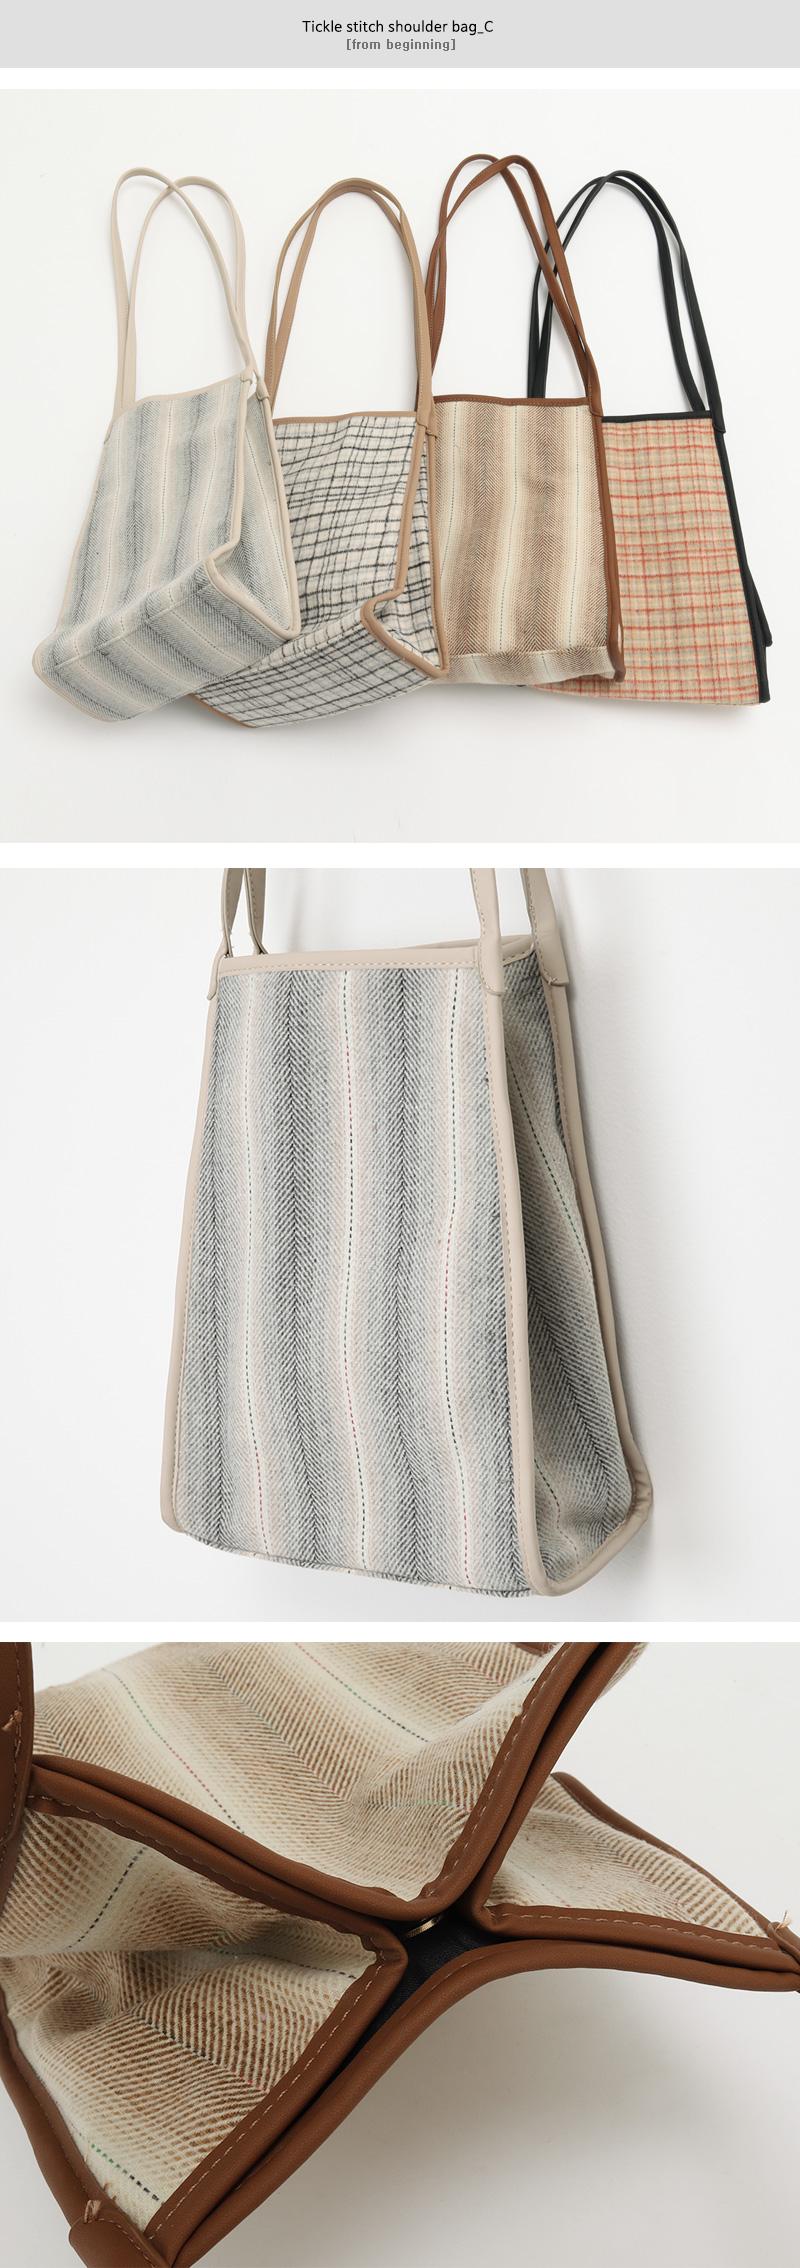 Tickle stitch shoulder bag_C